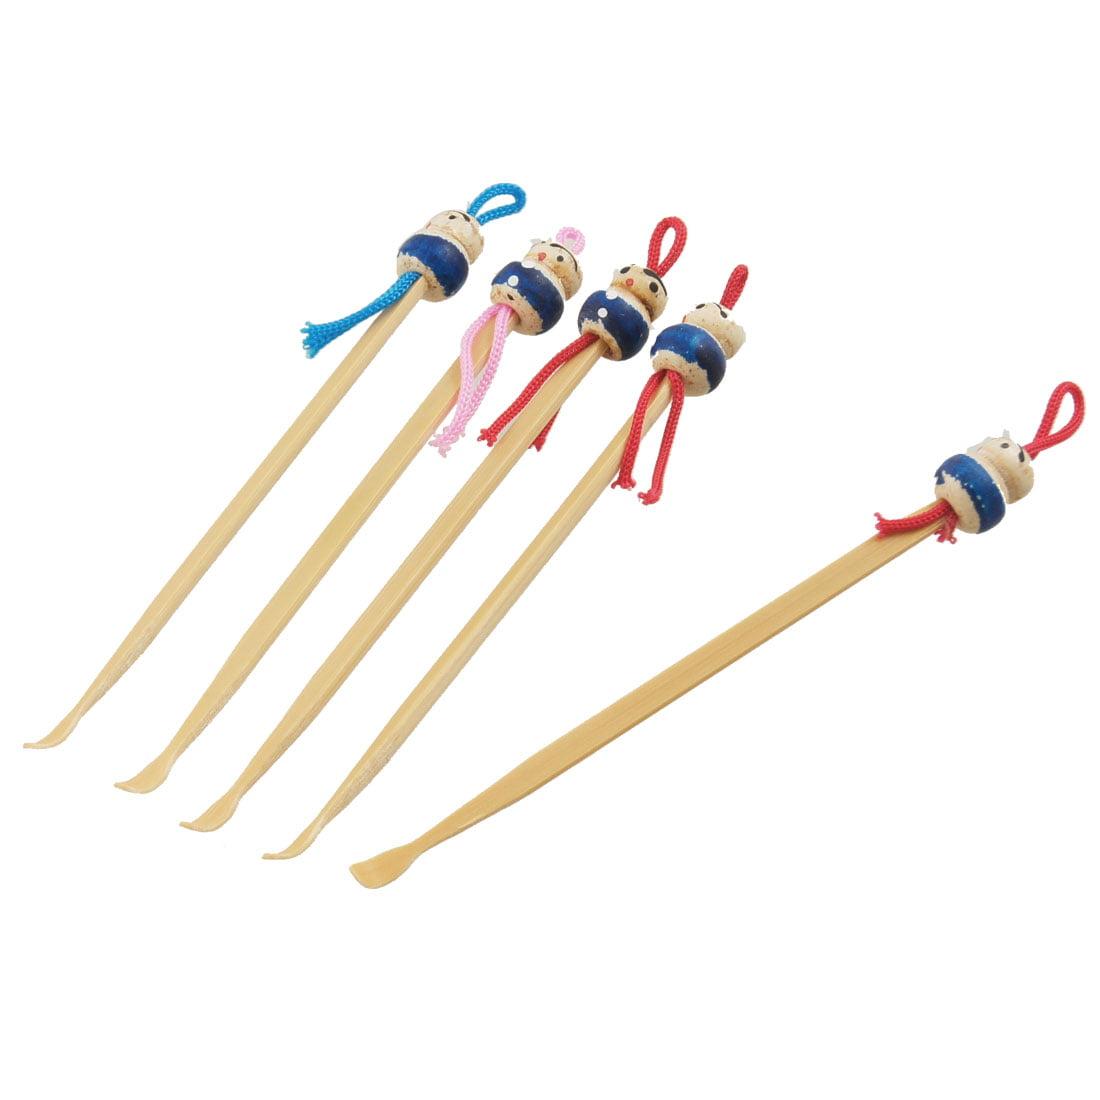 Unique Bargains Unique Bargains Bamboo Ear Pick Spoon Curette Ear Wax Remover Cartoon Doll Decor 5 Pcs